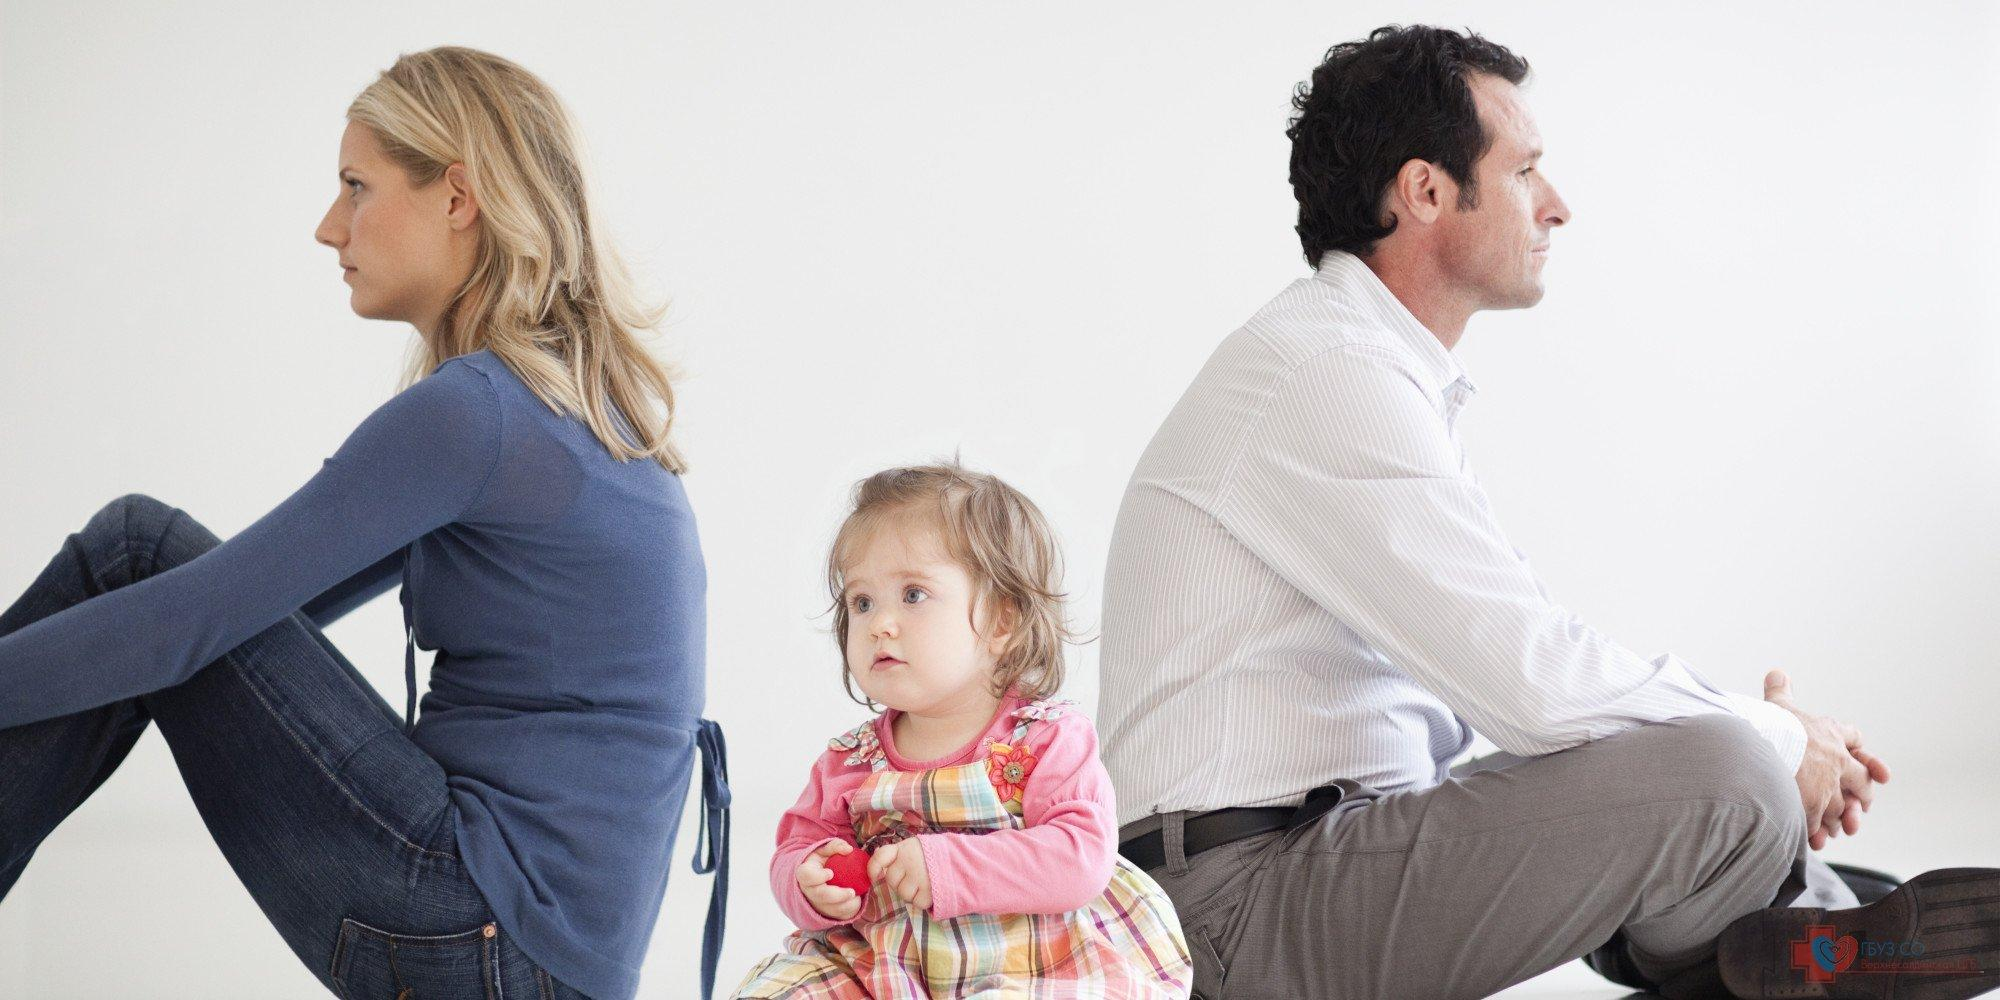 Развод с мужем до рождения ребёнка тот